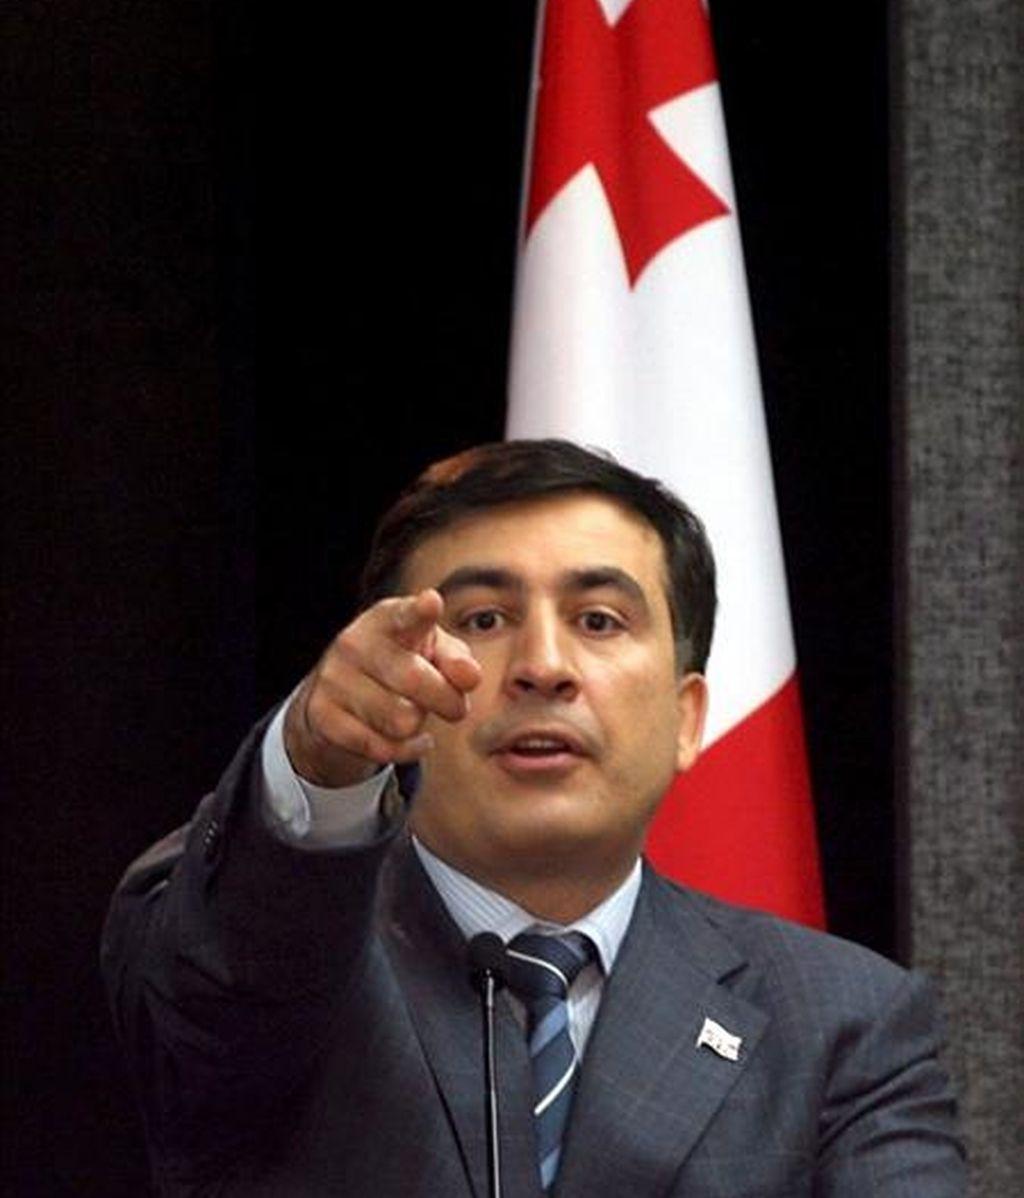 La UE pide diálogo político entre el presidente de Georgia y la oposición. En la imagen, el presidente de Georgia, Mijaíl Saakashvili. EFE/Archivo